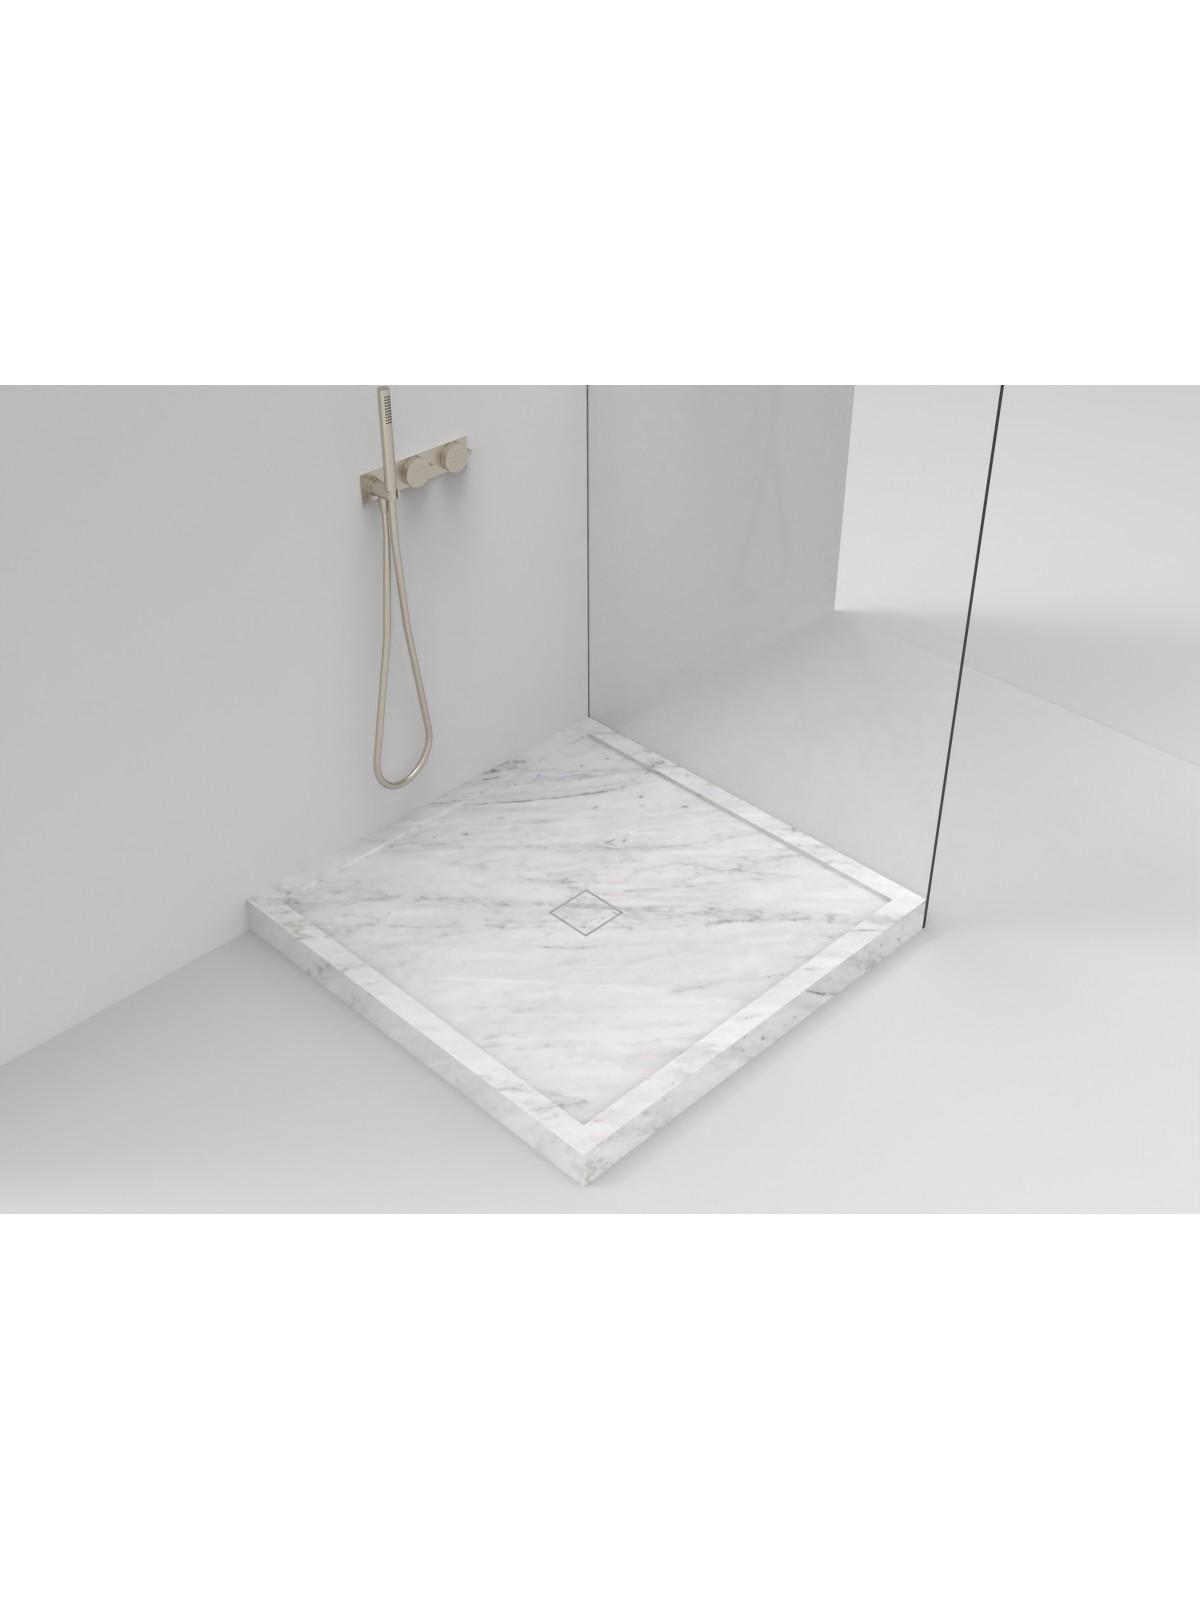 Piatto doccia scatolato  in Bianco di Carrara (piletta di marmo)